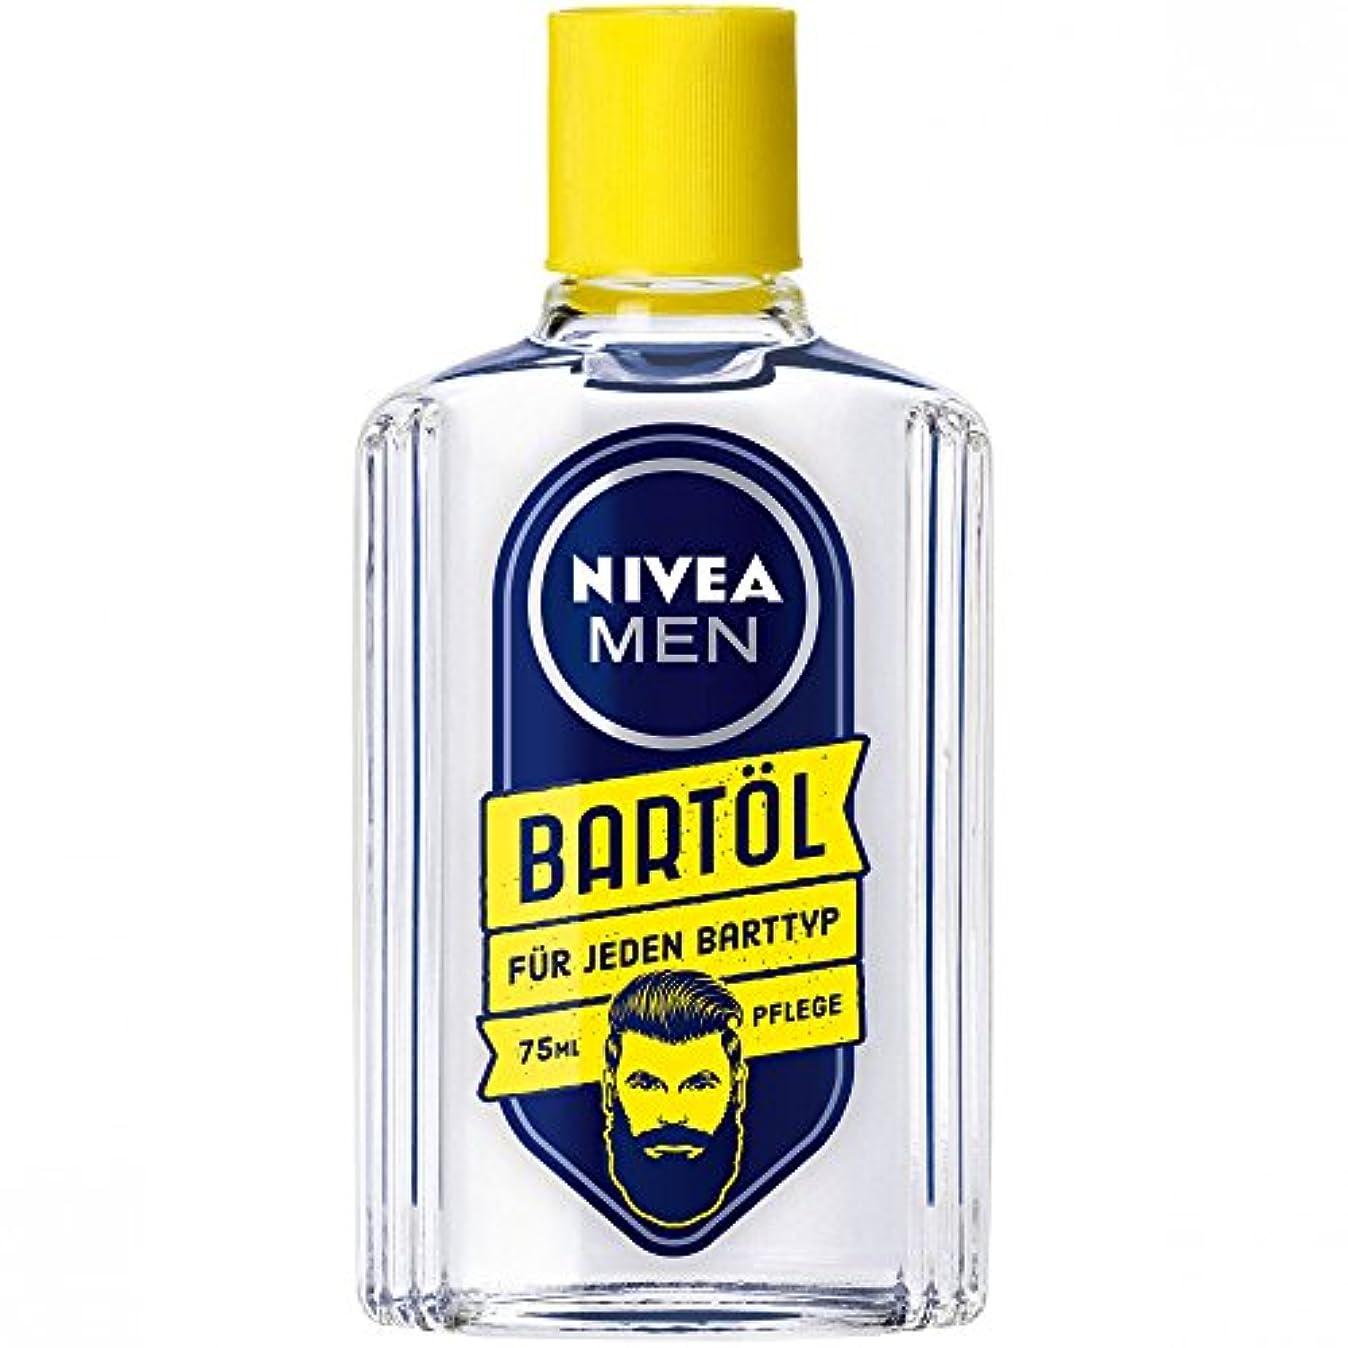 のりハシー有毒ニベアメン Beard Oil ひげの維持のための油 75ml (1) [並行輸入品]